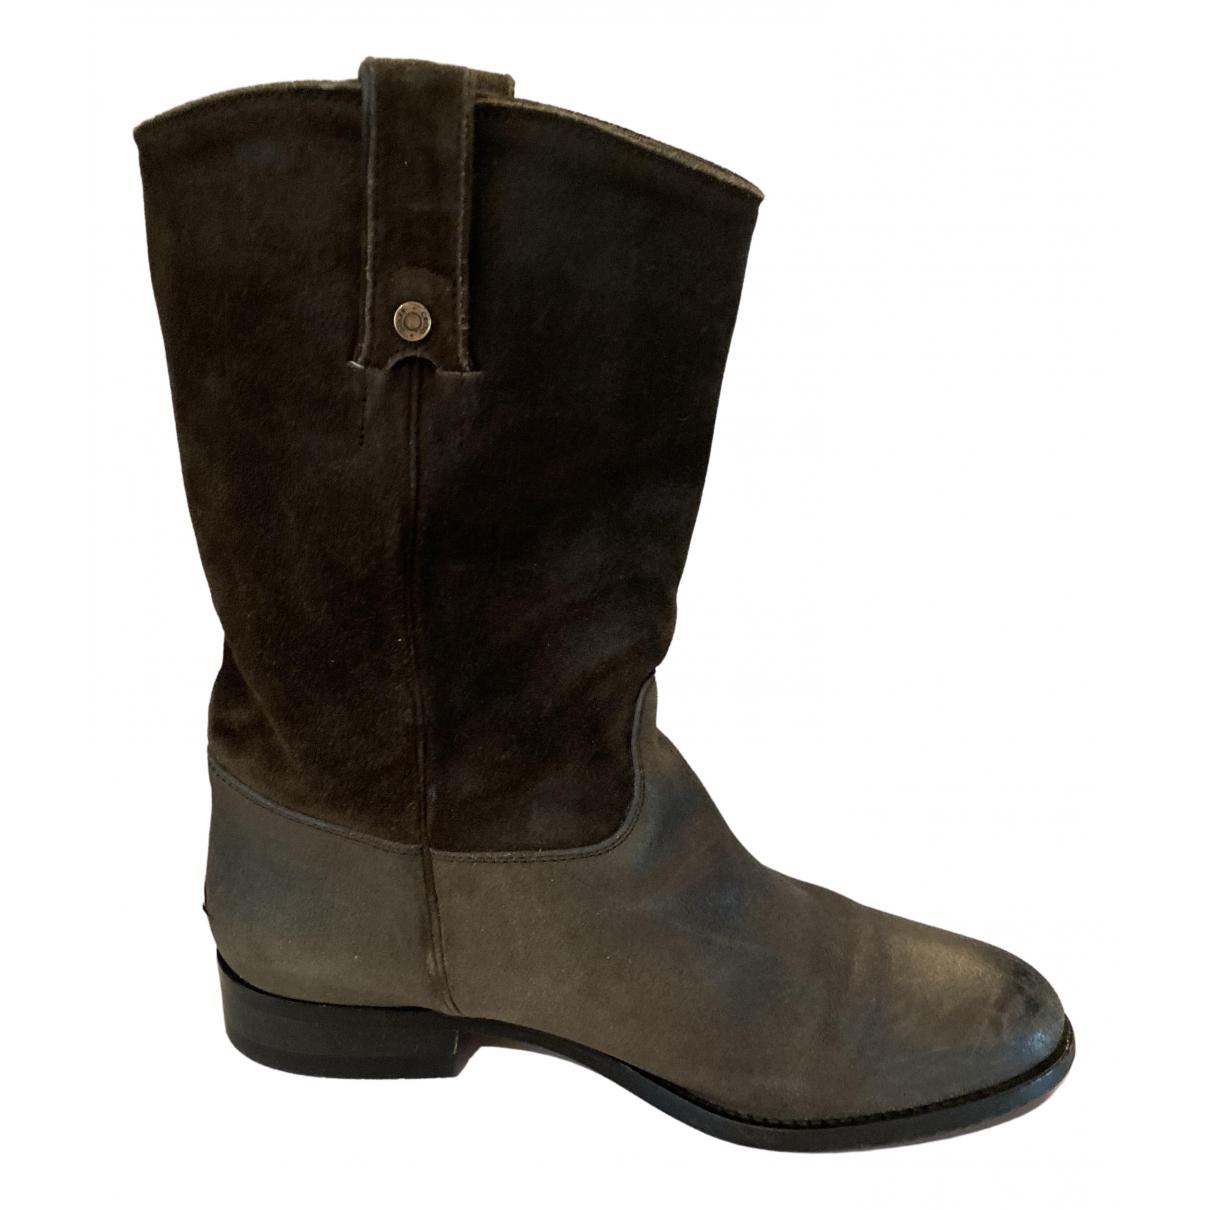 Jimmy Choo - Boots   pour femme en cuir - marron